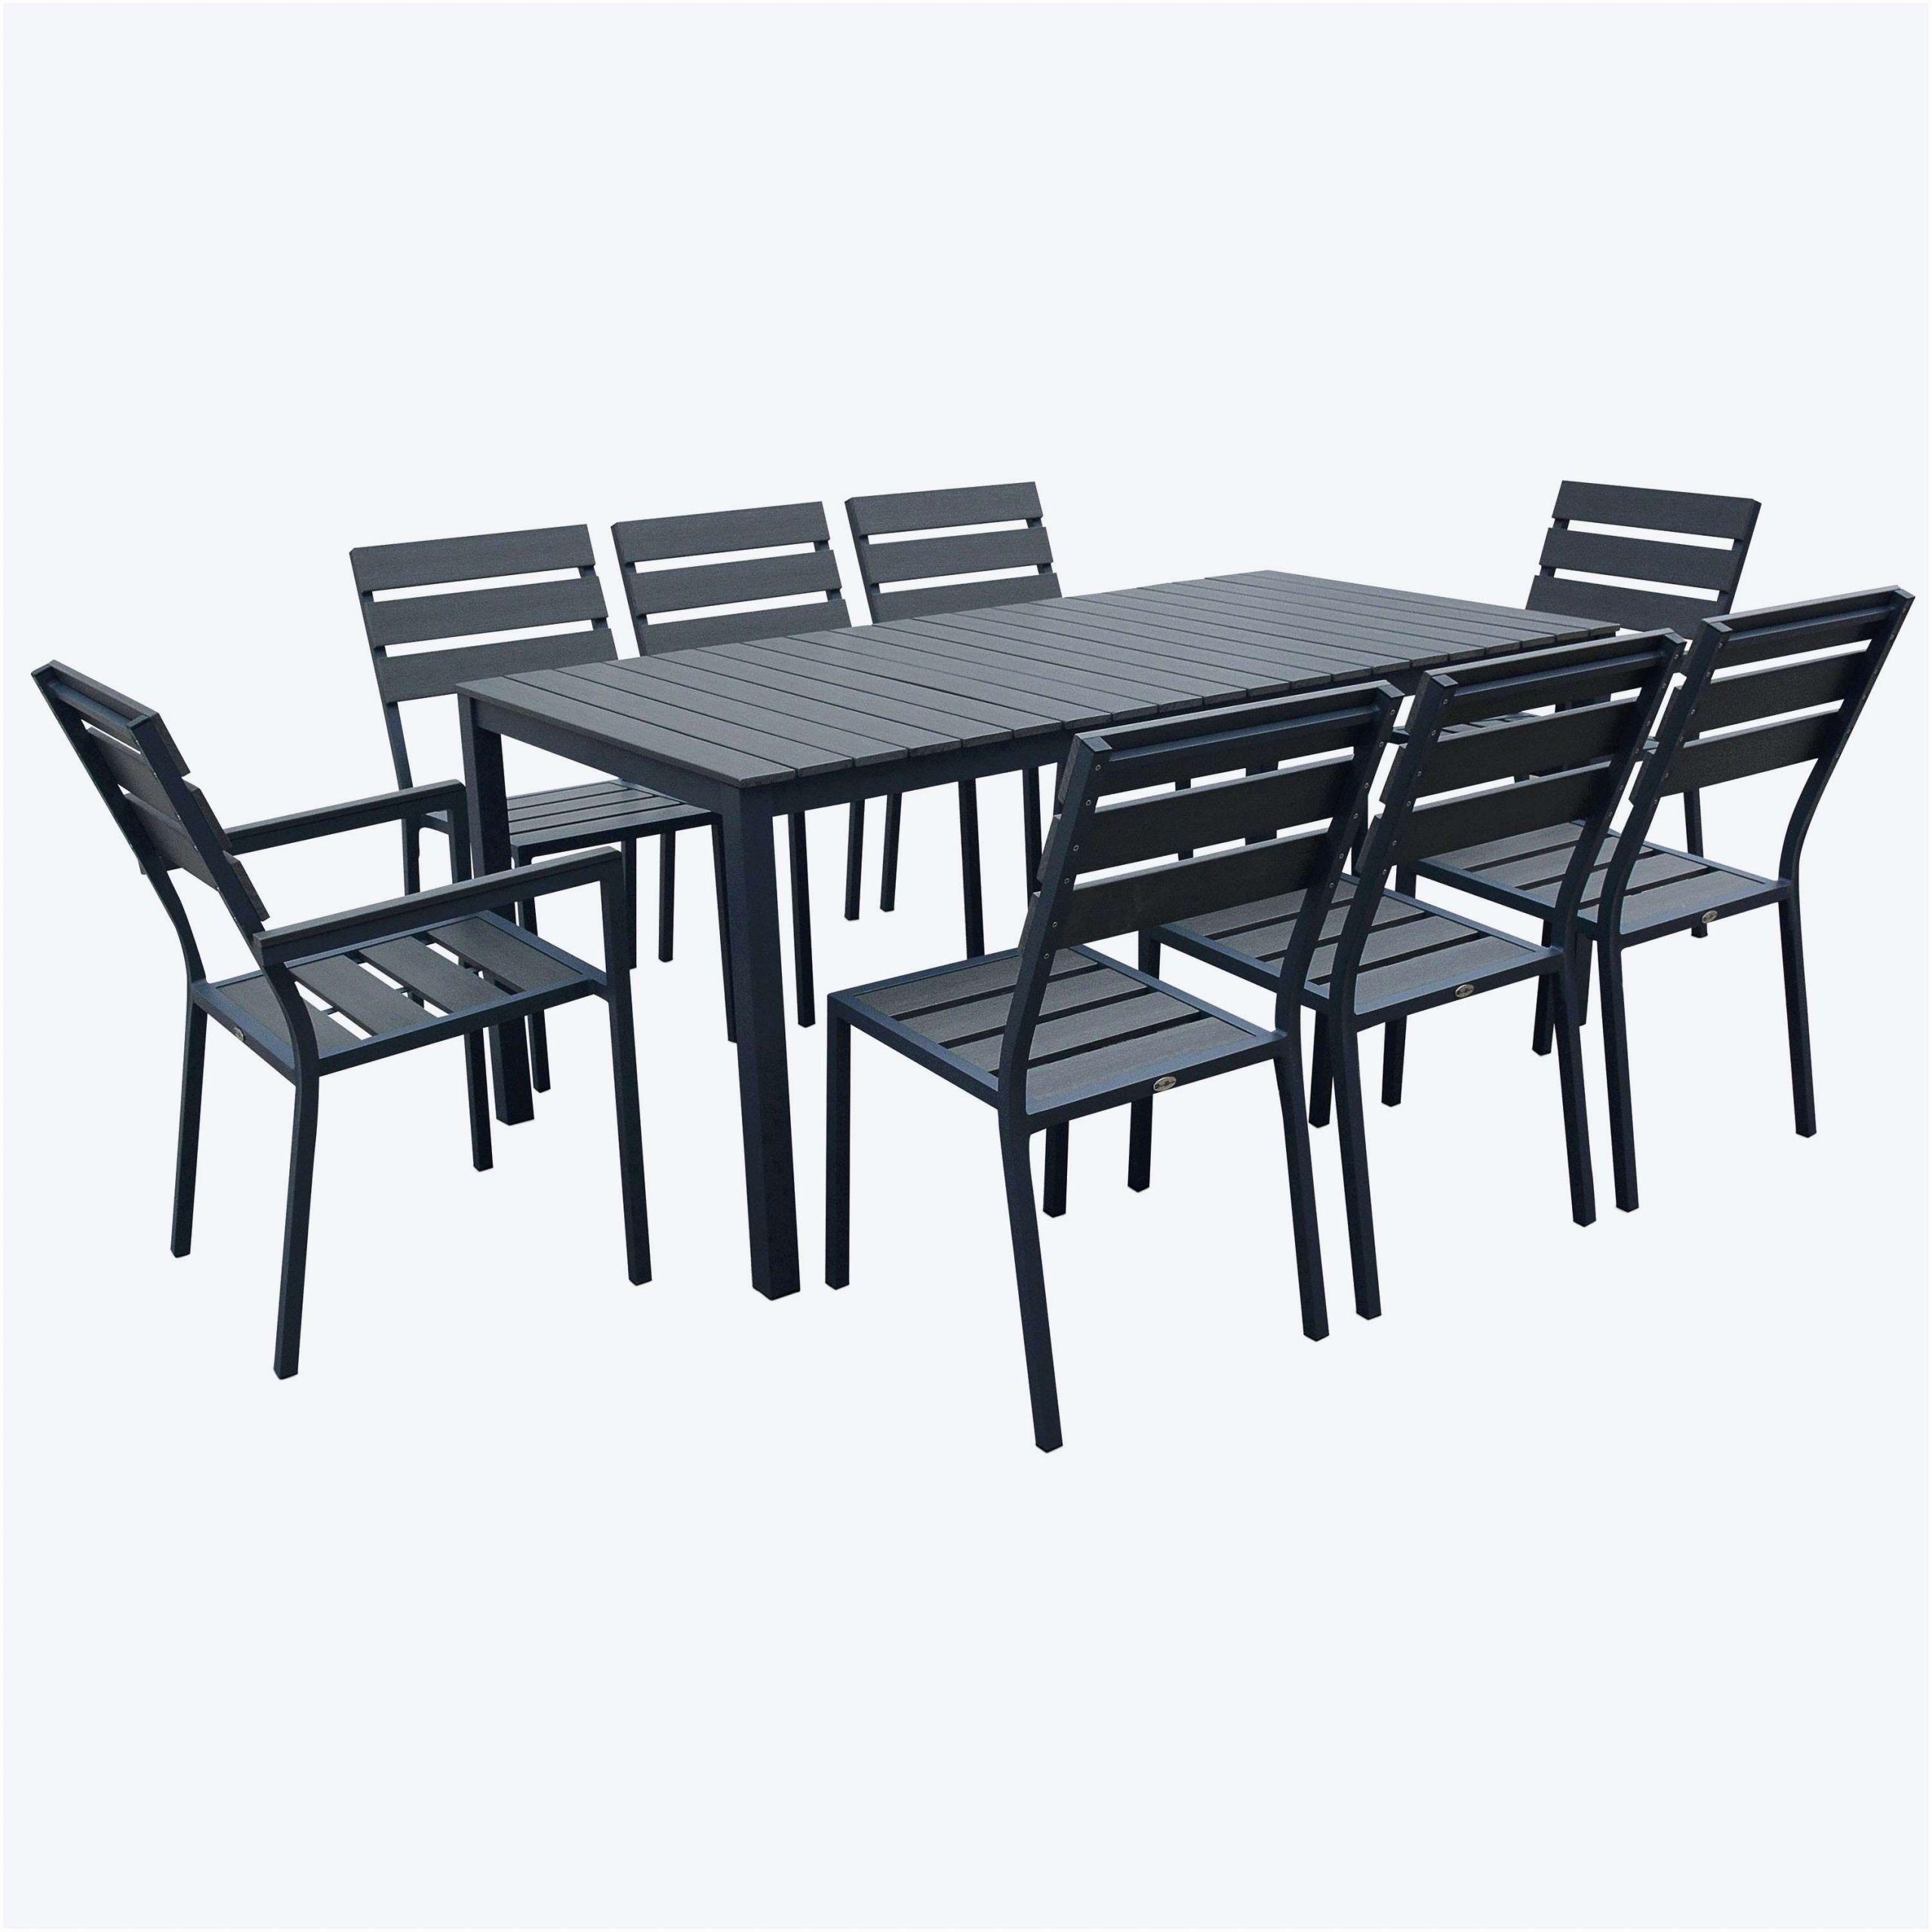 petite table i impressionnant beau table jardin et chaises luxury i mobilier jardin meilleur de of petite table i